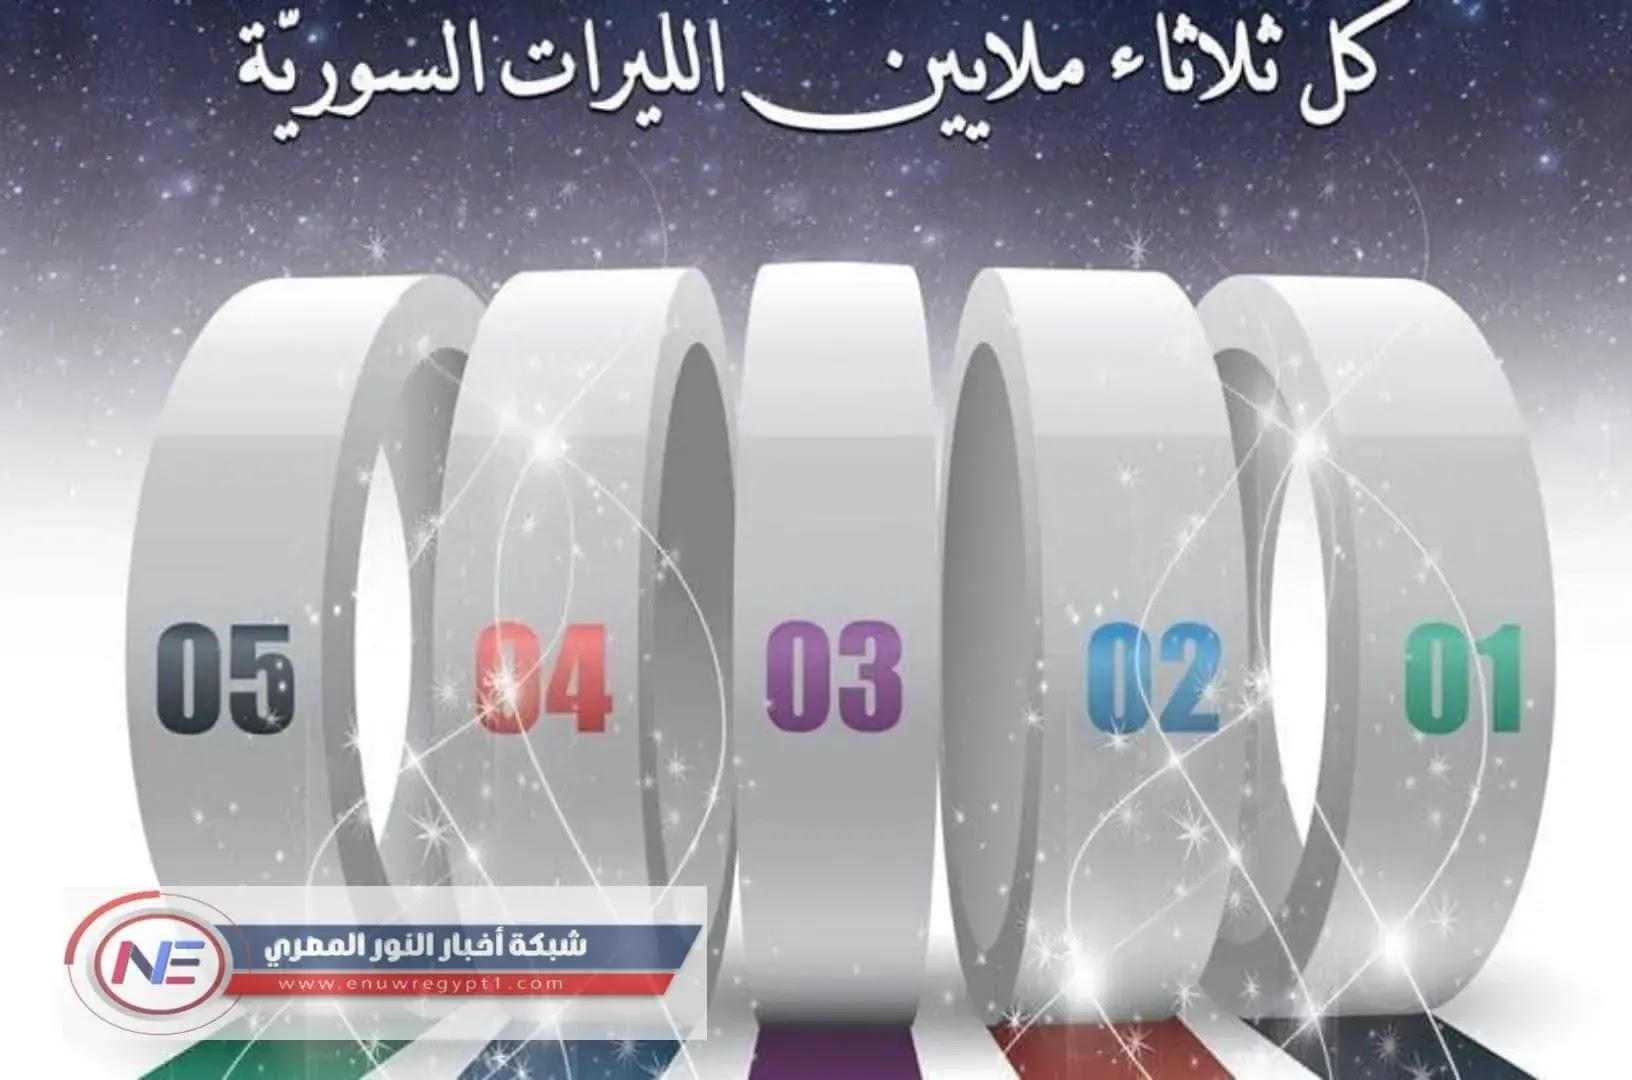 الإصدار الاخير | نتائج يانصيب معرض دمشق الدولي | ظهرت حالا اليوم الثلاثاء 02-03-2021 اسماء الفائزين حسب ارقام البطاقات www.diflottery.com.sy | الإصدار الدورى  رقم 8 لعام 2021